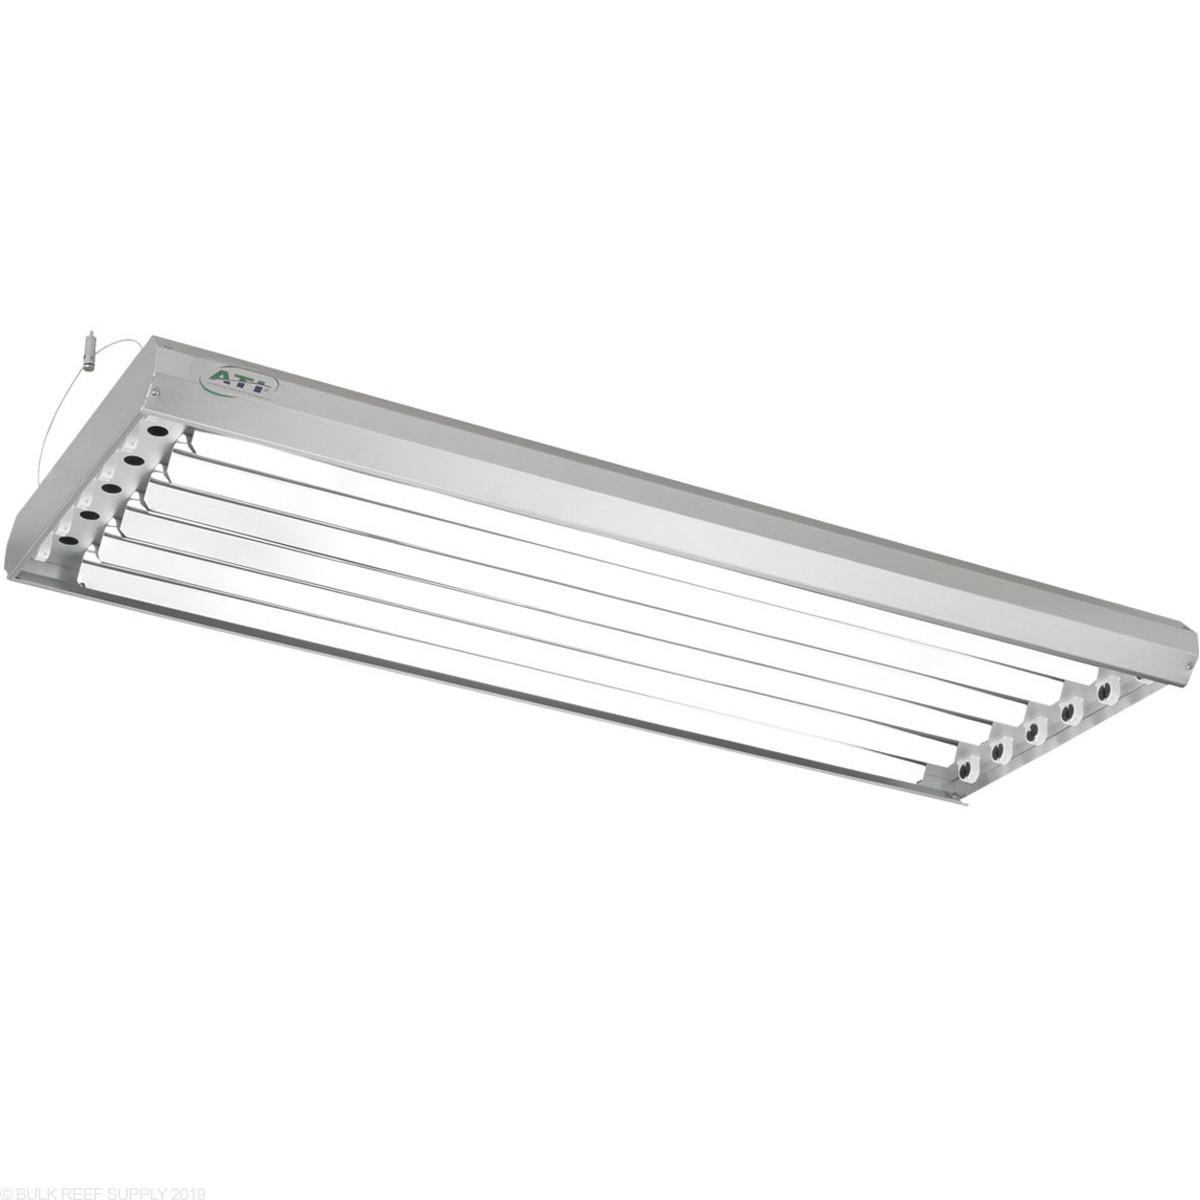 24 Dimmable Sun T5 Light Fixture